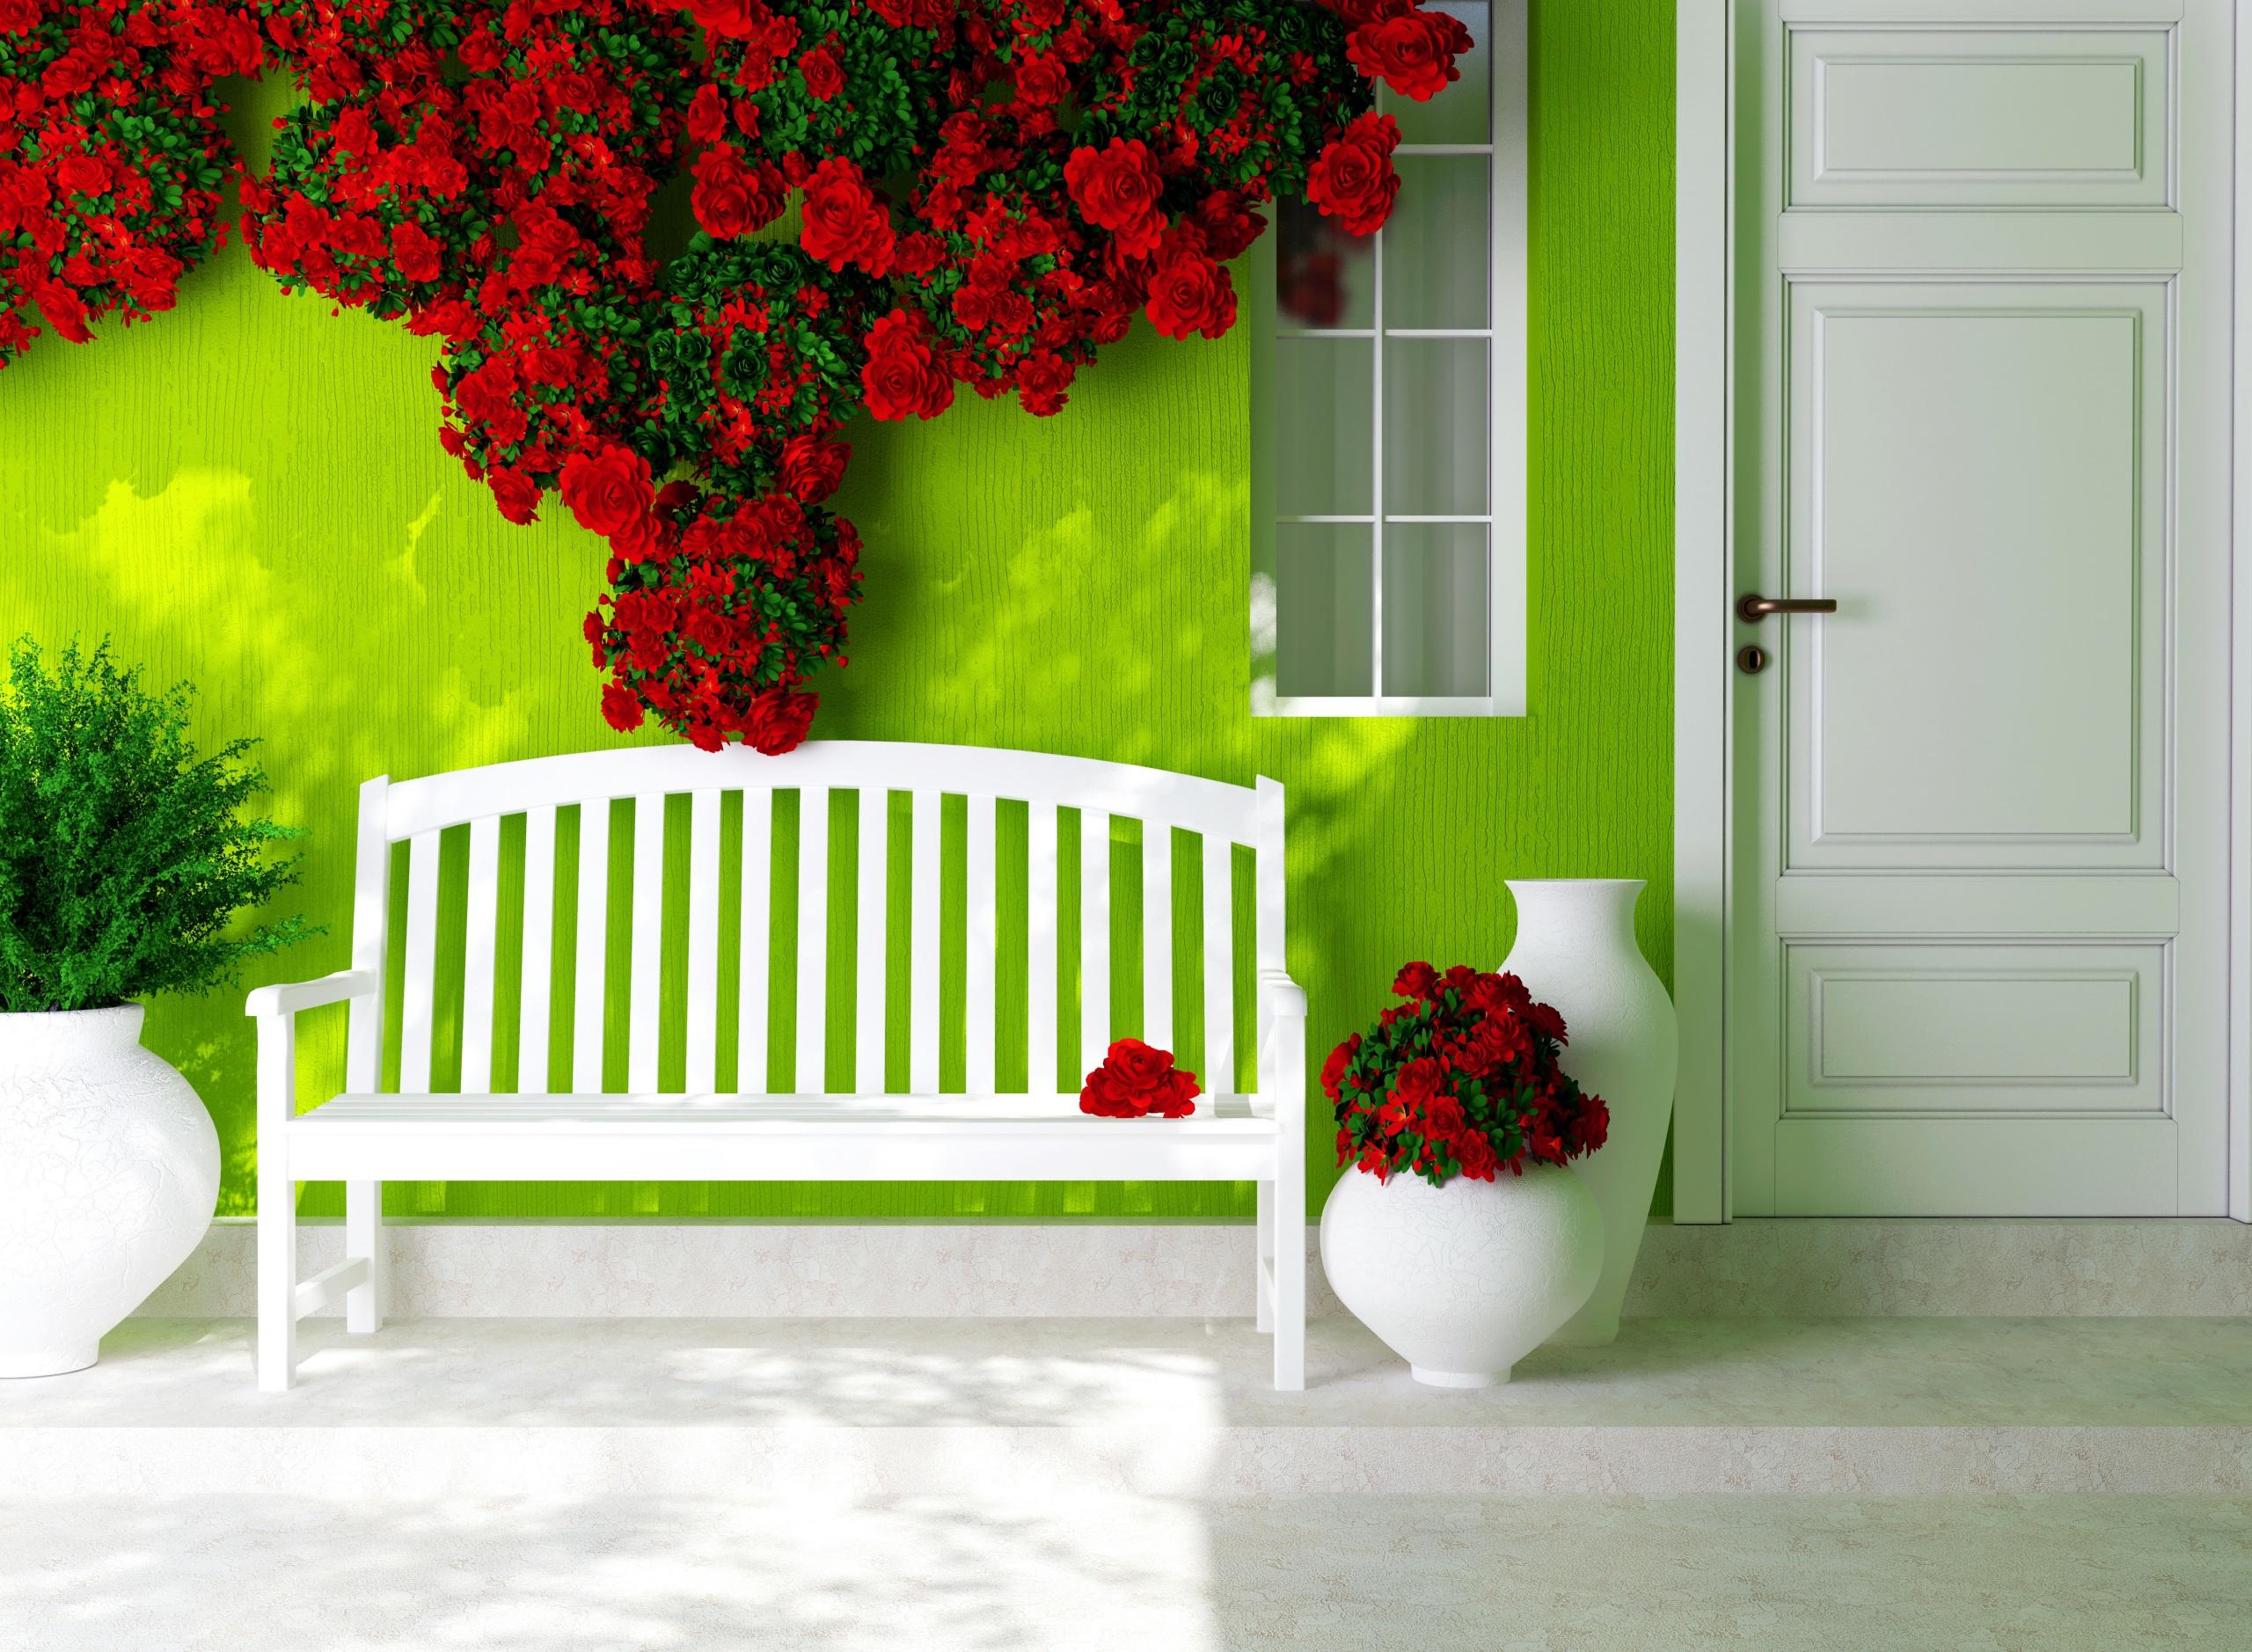 Картинки роза красные Цветы Дверь Скамья 2560x1878 Розы красных красная Красный цветок двери Скамейка